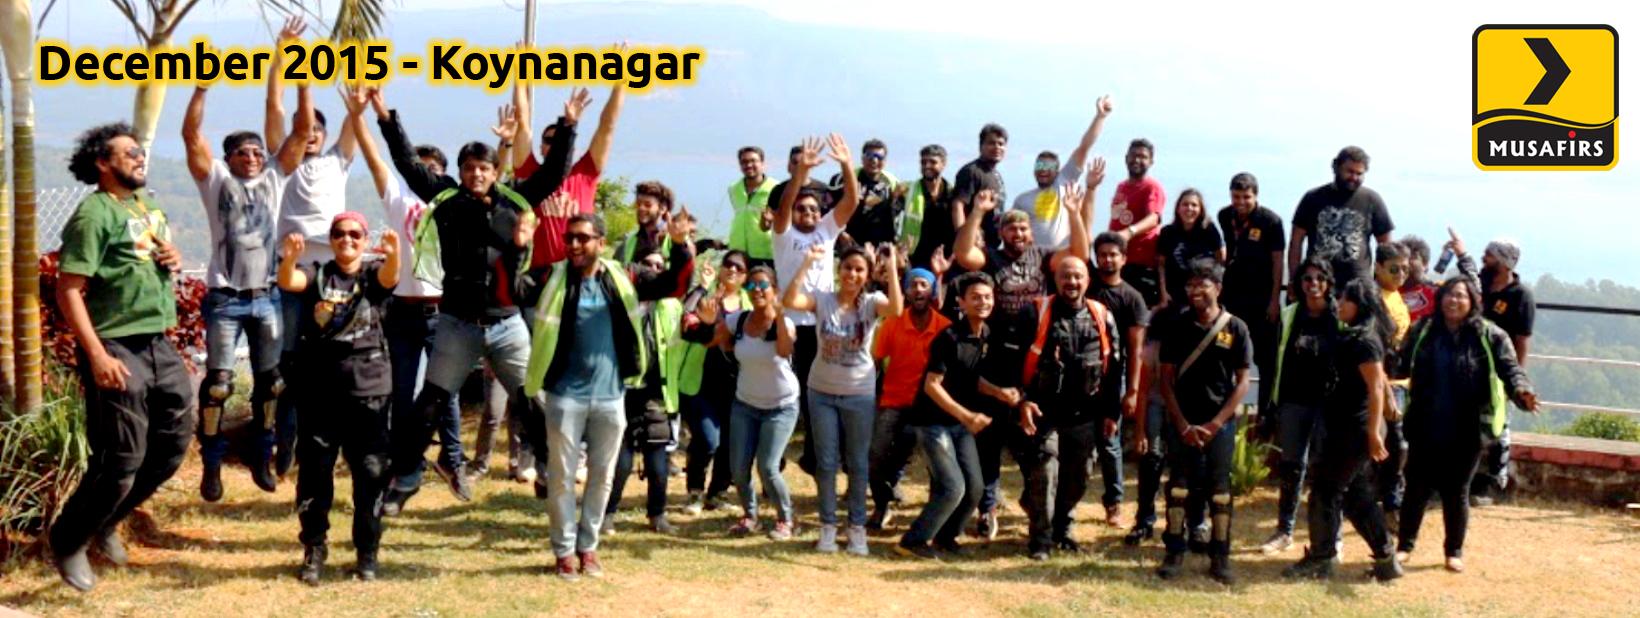 December 2015 Koynanagar